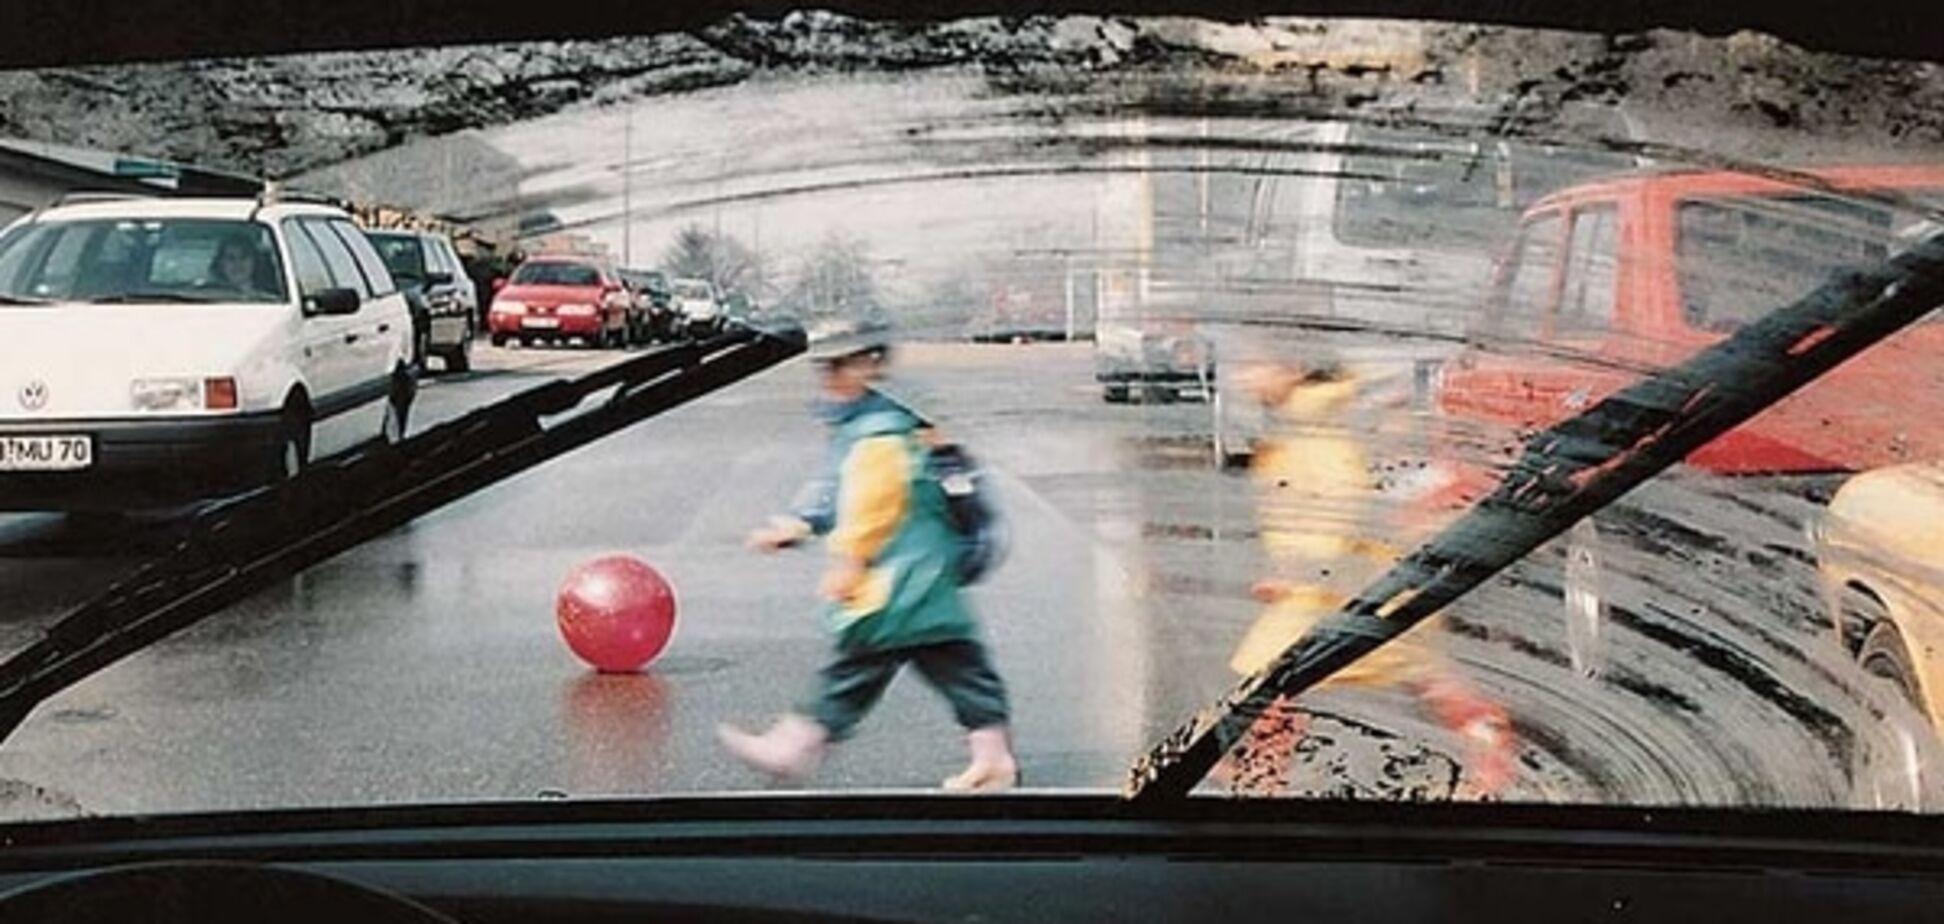 Ради водіям: як вибрати кращі двірники на зиму